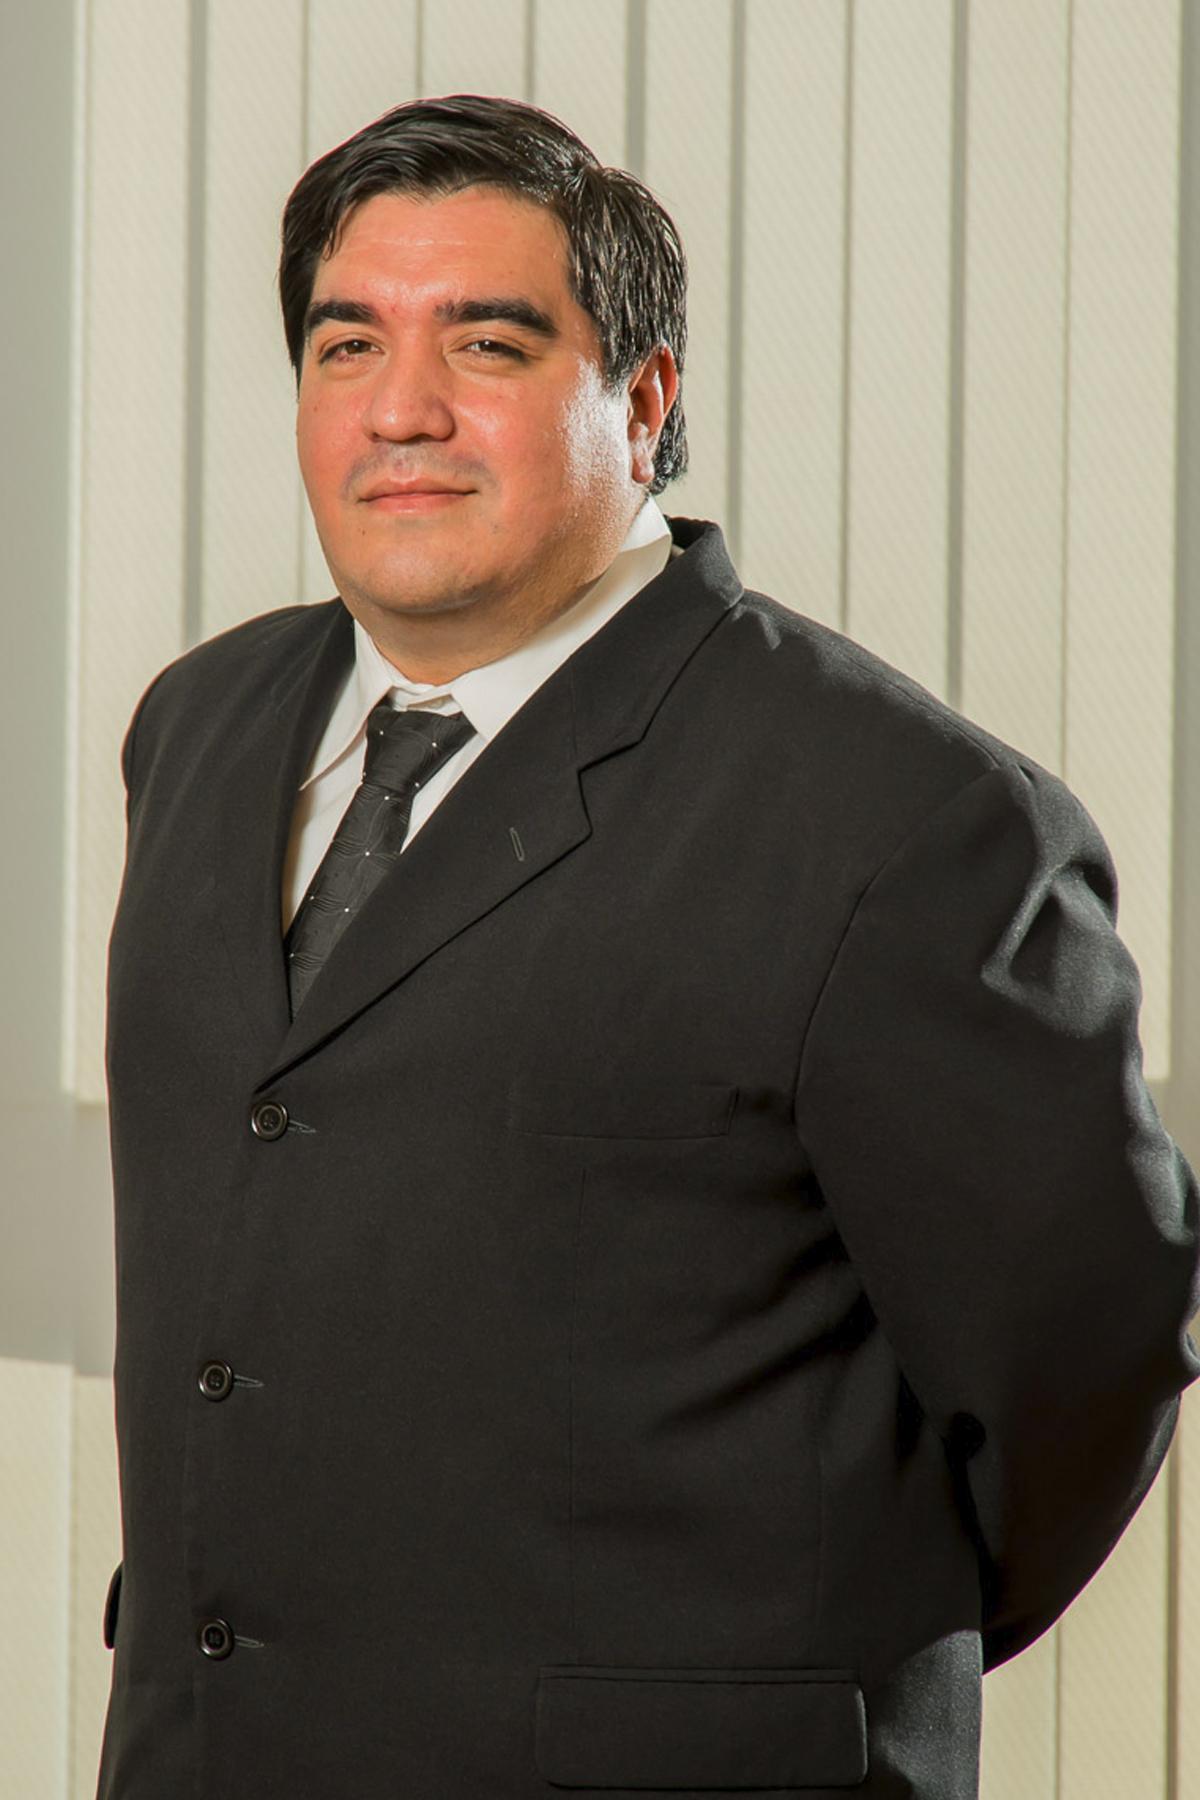 Guillermo Warton